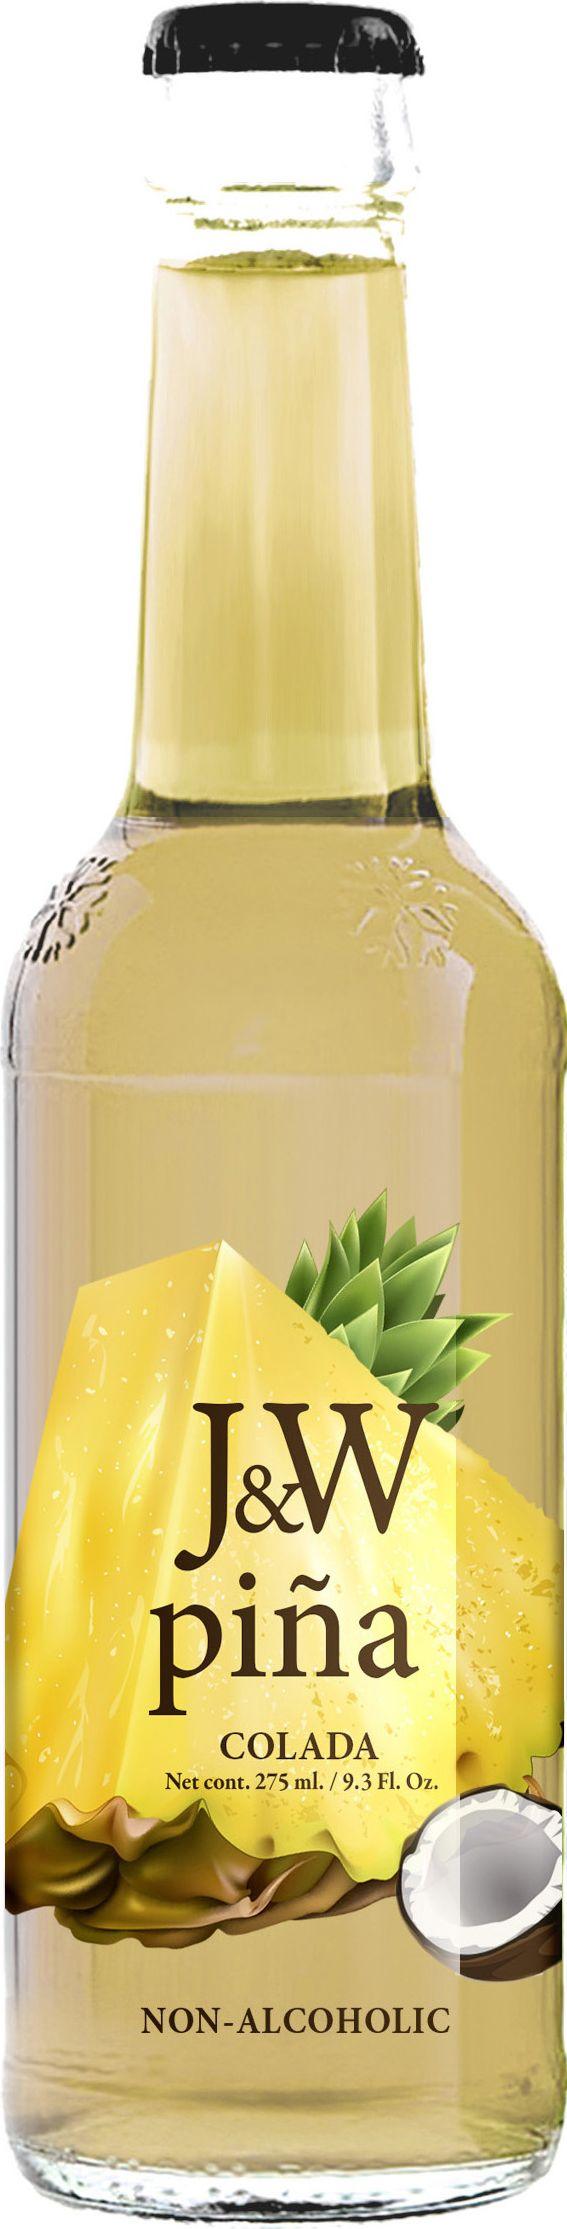 J&W Пина Колада Напиток негазированный, 0,275 л напиток негазированный аква минерале лимон пэт х12 0 6л